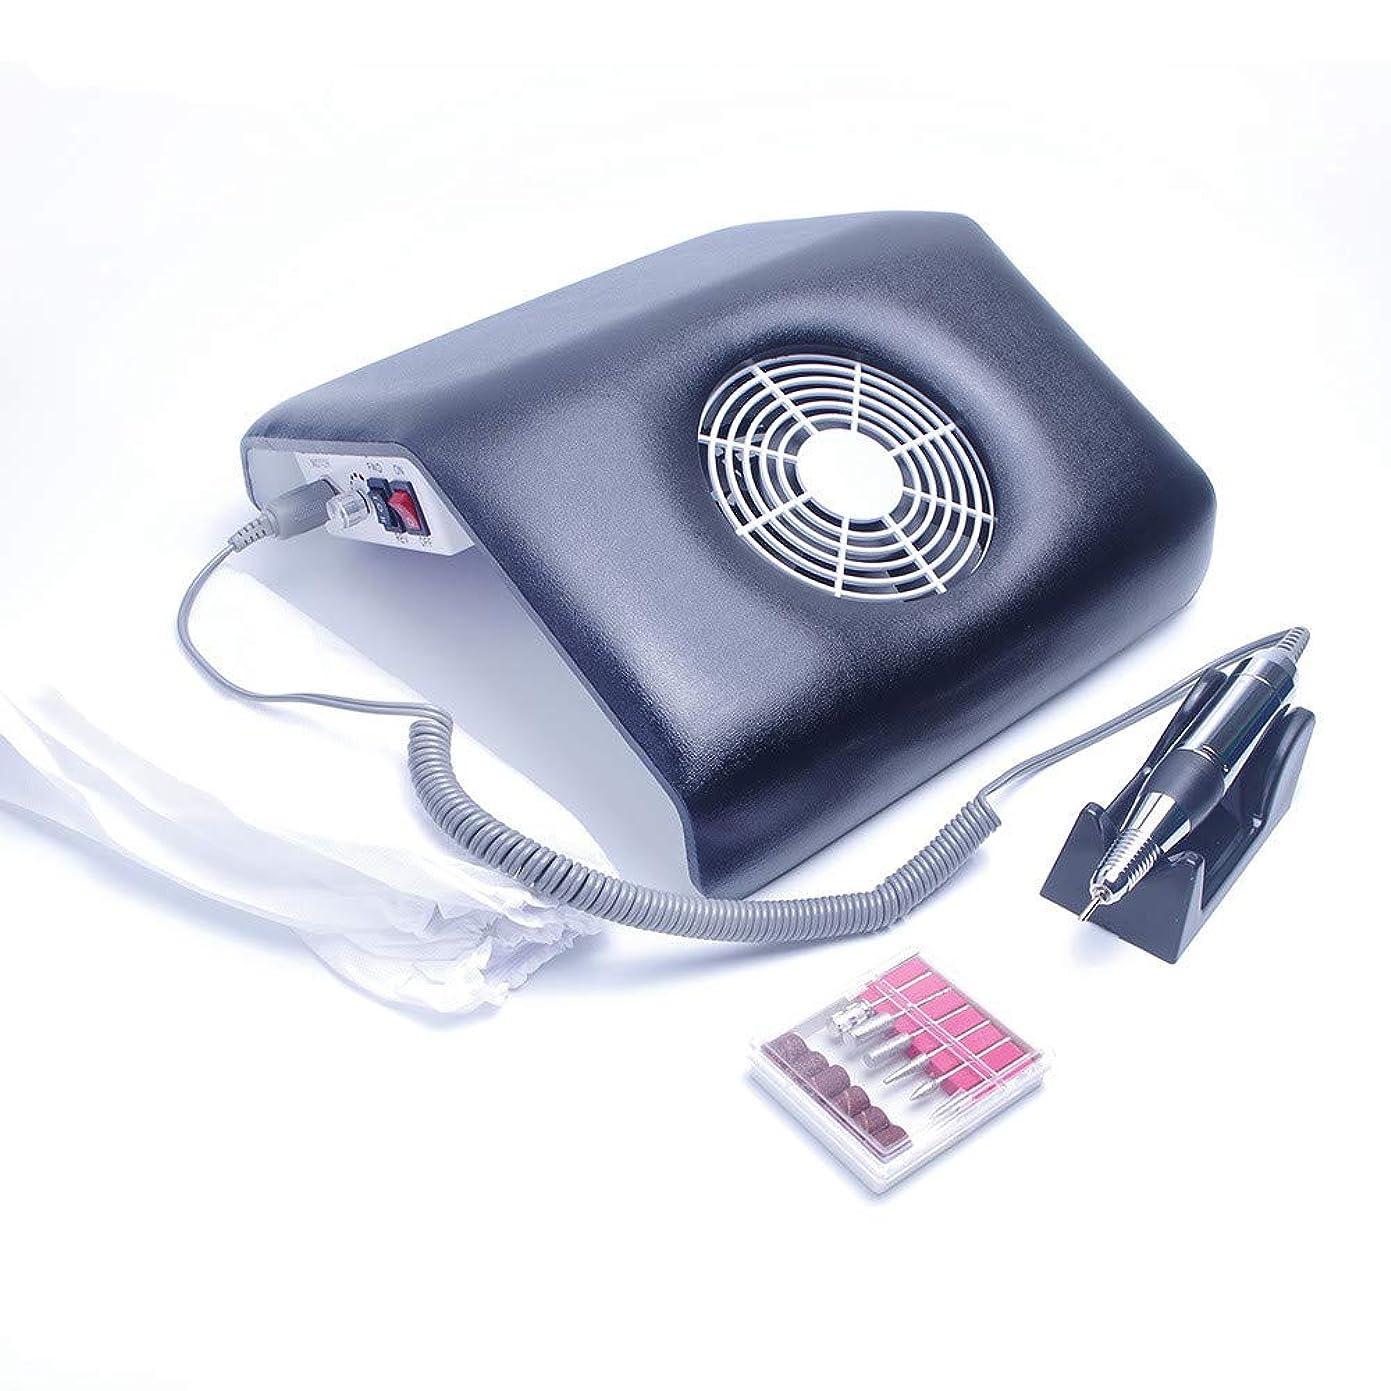 漂流遠い検索集塵機 ネイル ダストコレクター ネイルドリル ネイルマシーン ネイルマシン 電動ネイルファイル 電動ネイルケア ネイルオフ ジェルネイルオフ ジェルオフ セルフネイル